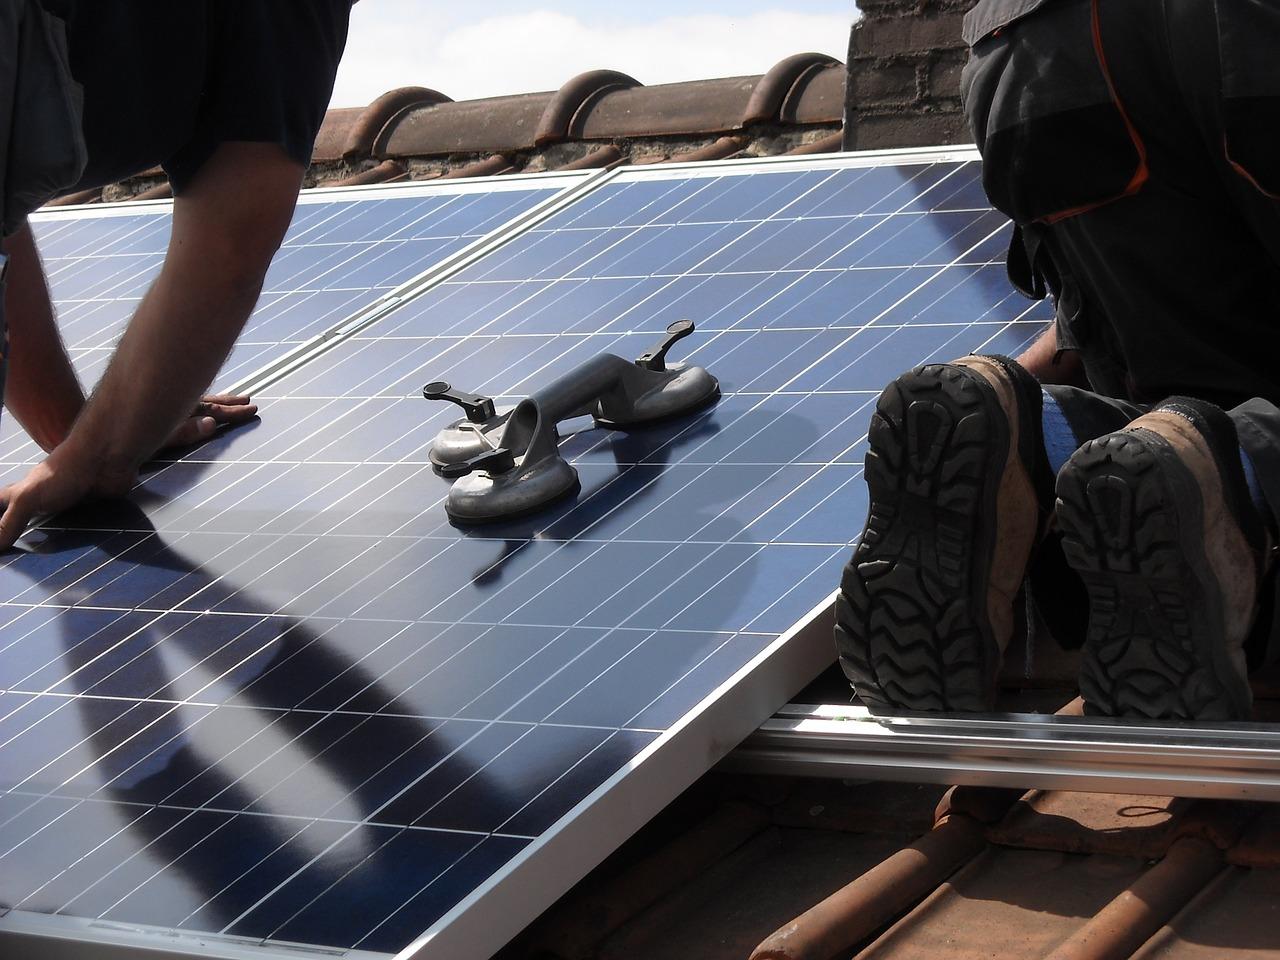 Installateur panneaux photovoltaiques  à Vals-les-Bains